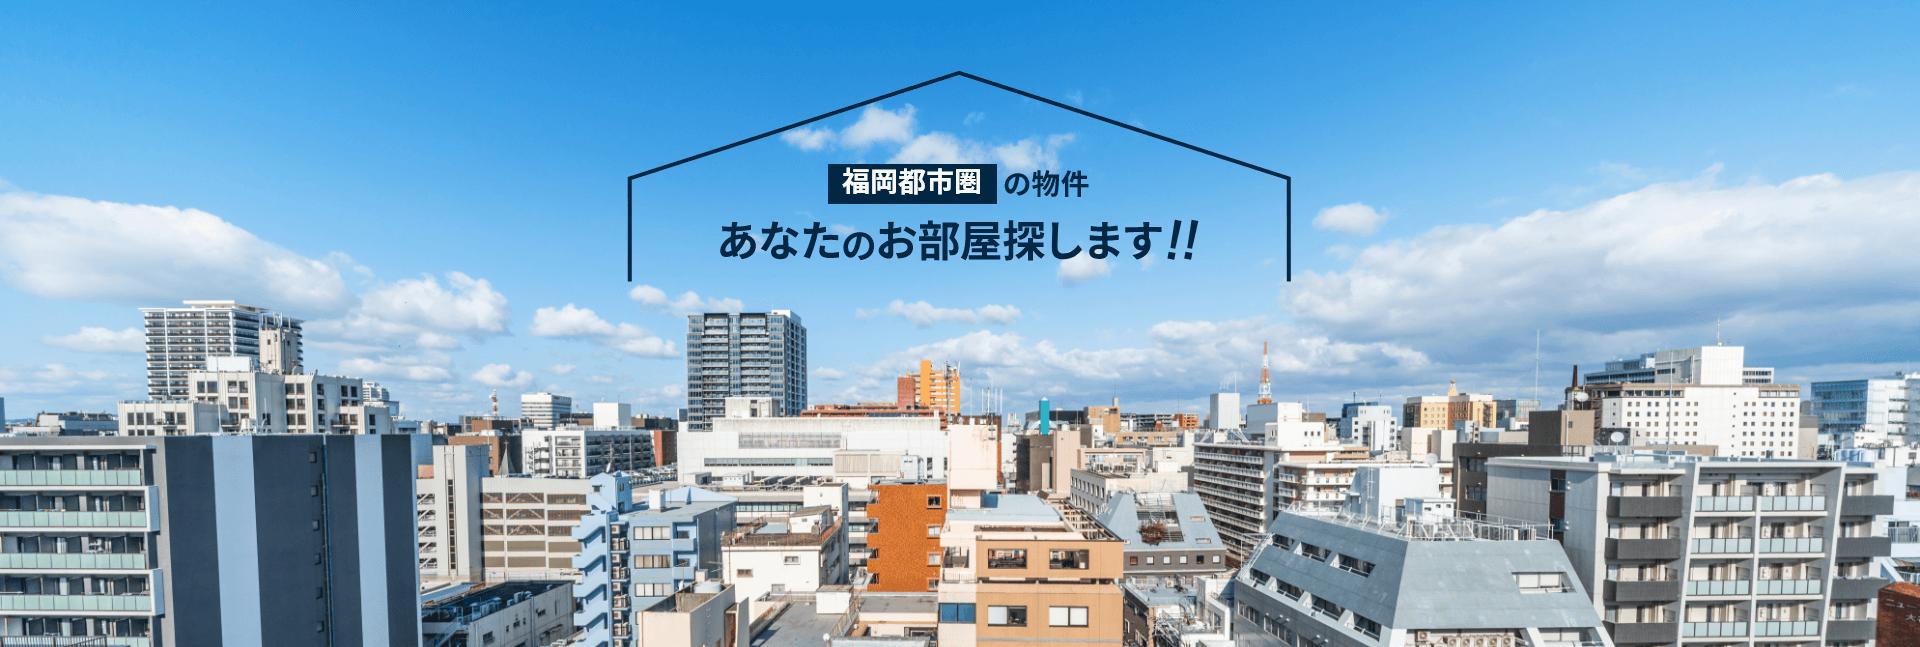 福岡都市圏の物件 あなたのお部屋探します!!